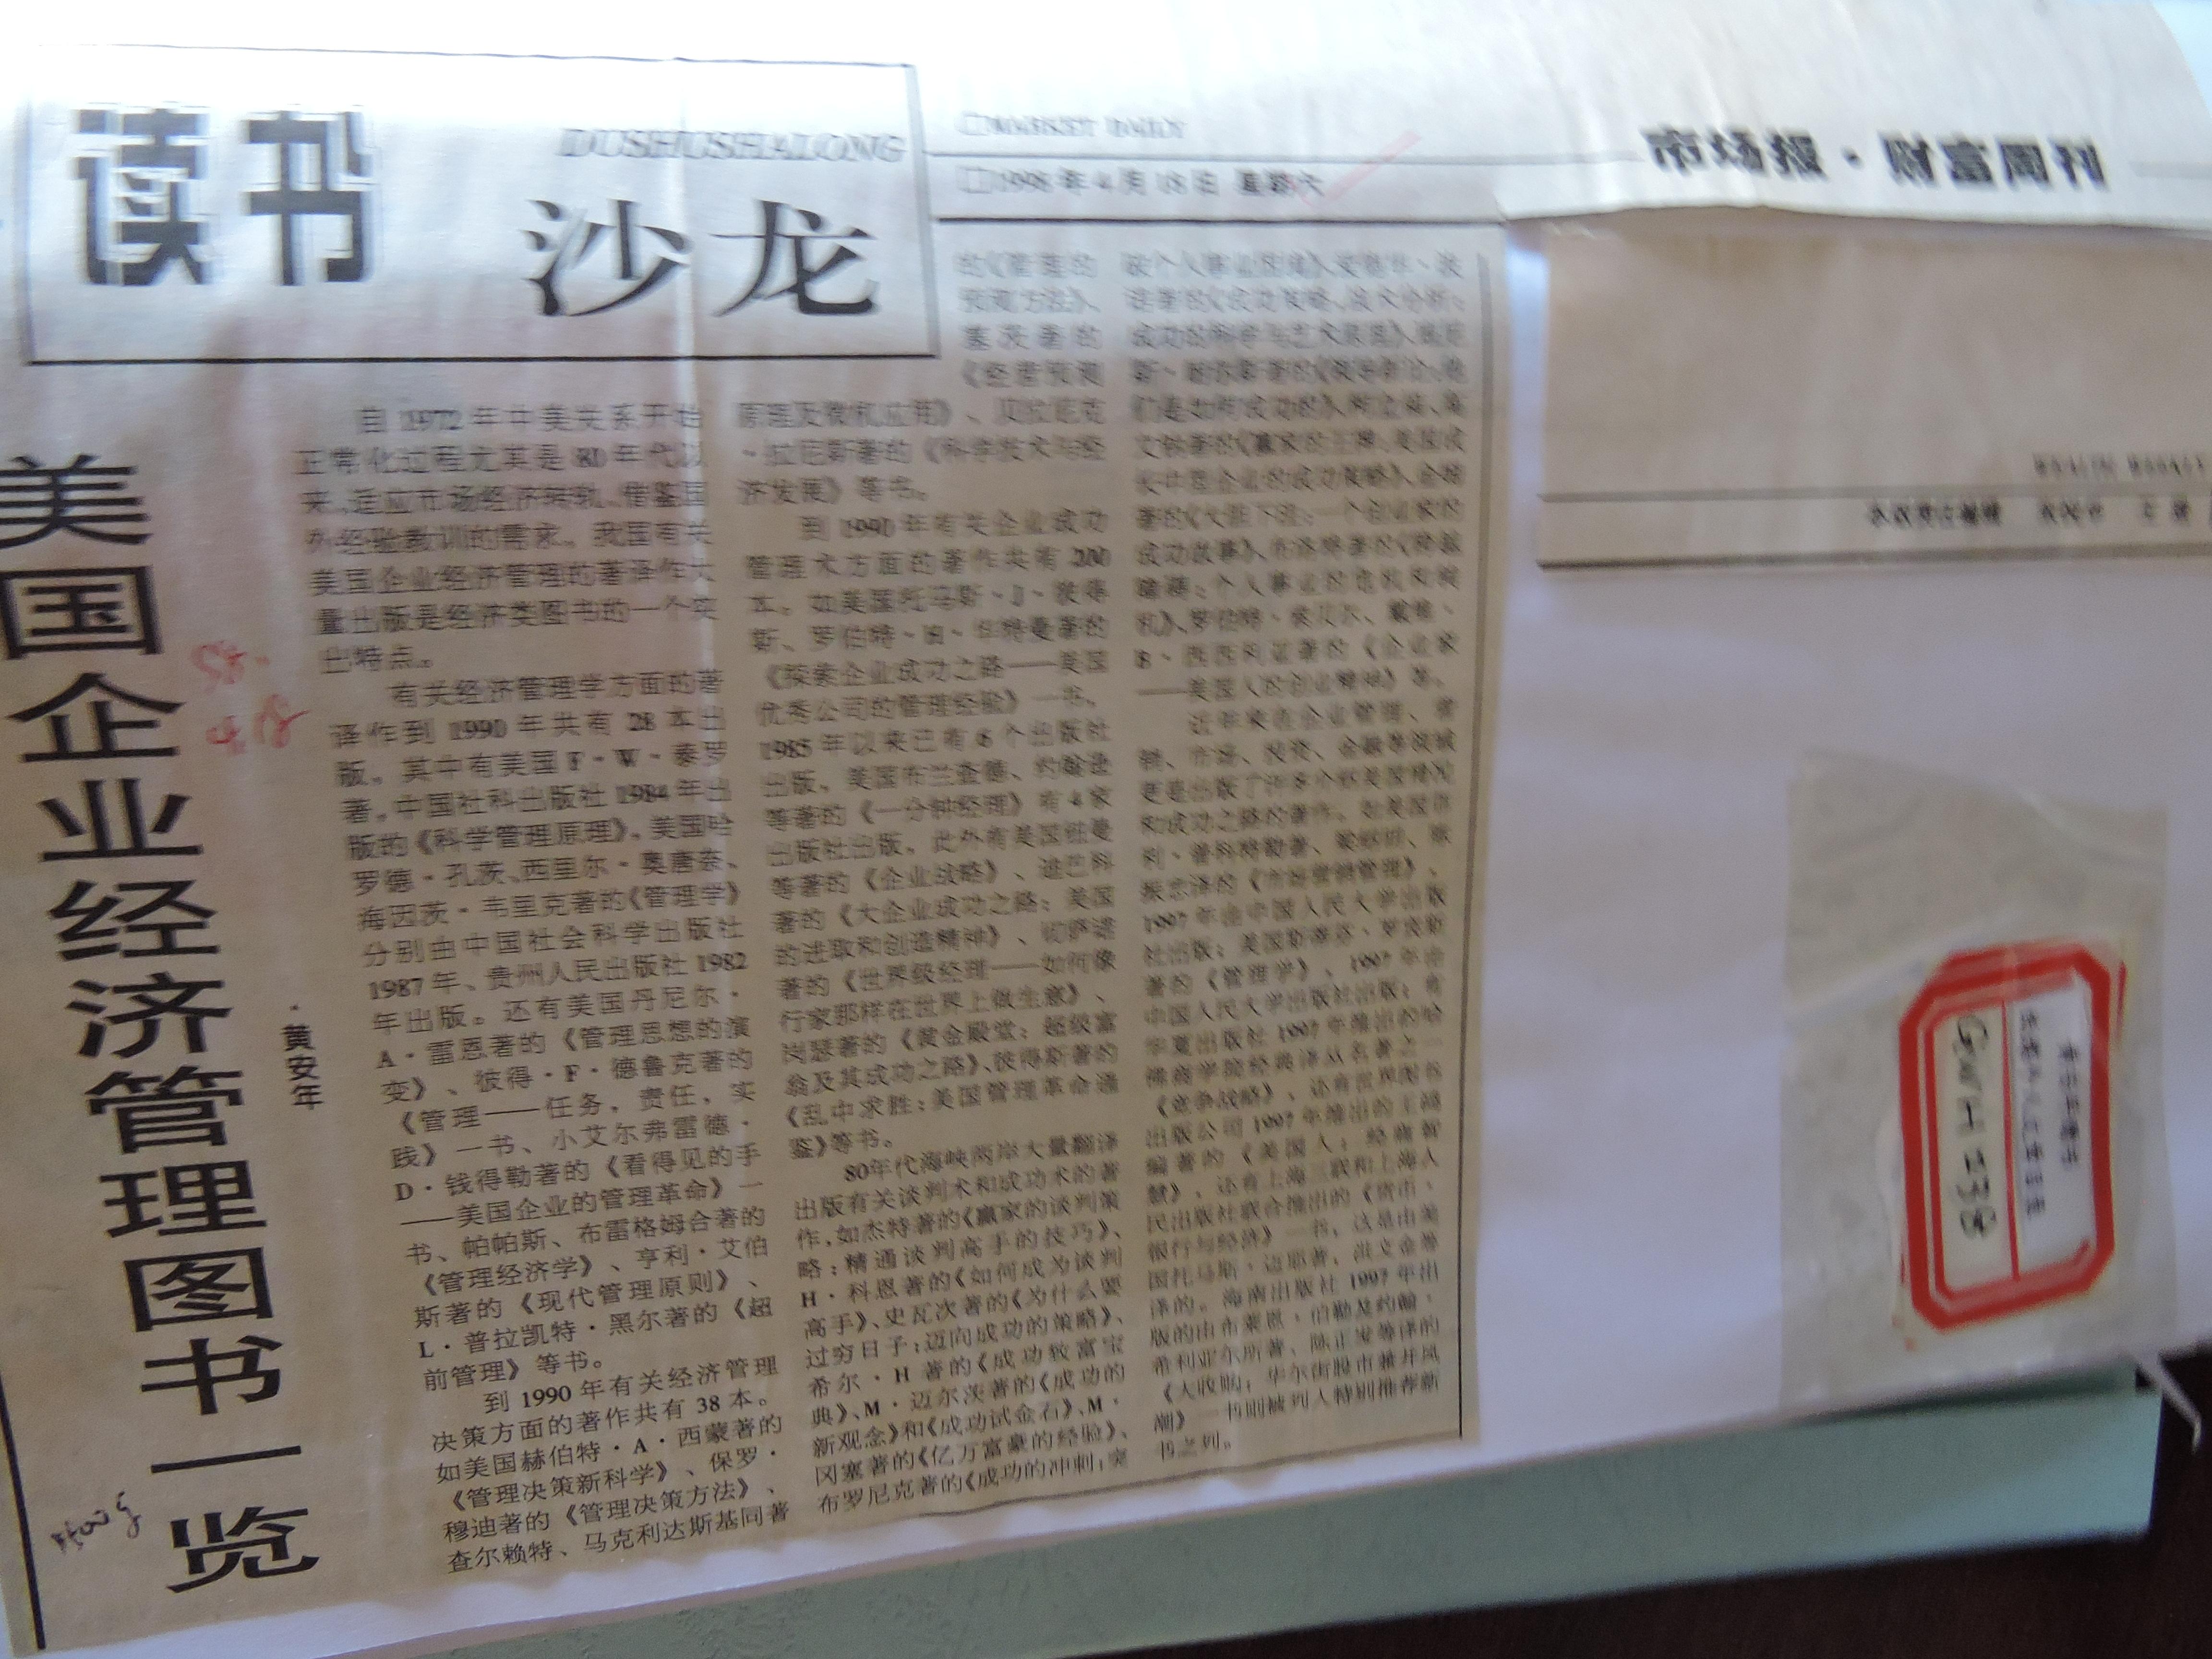 DSCN8666.JPG